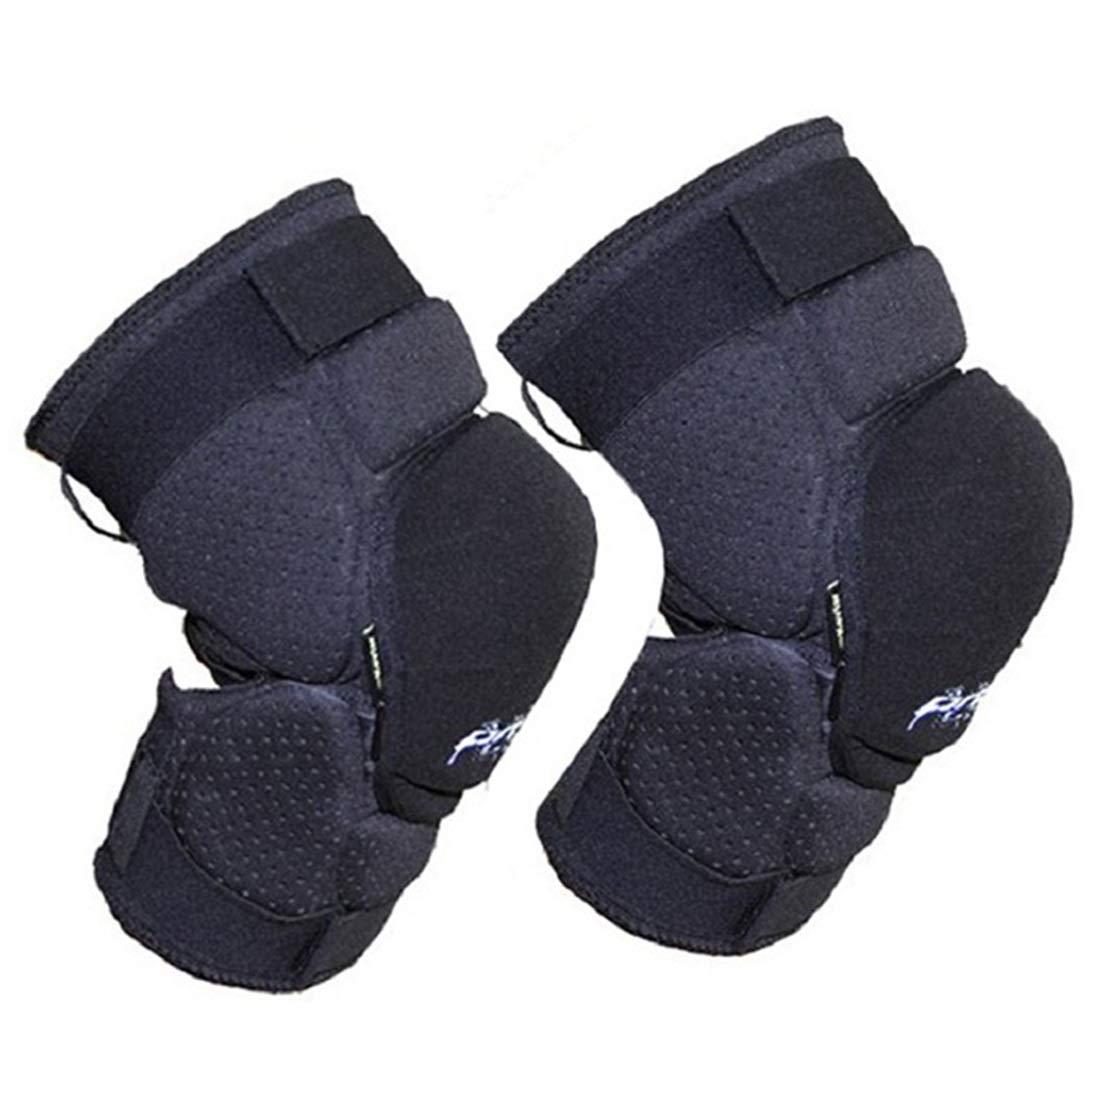 CAFUTY Kneepad Elbow Set オートバイサイクリング保護装置 スキーローラースケート保護装置セット (Color : ブラック, サイズ : M) Medium ブラック B07L4JQYMH